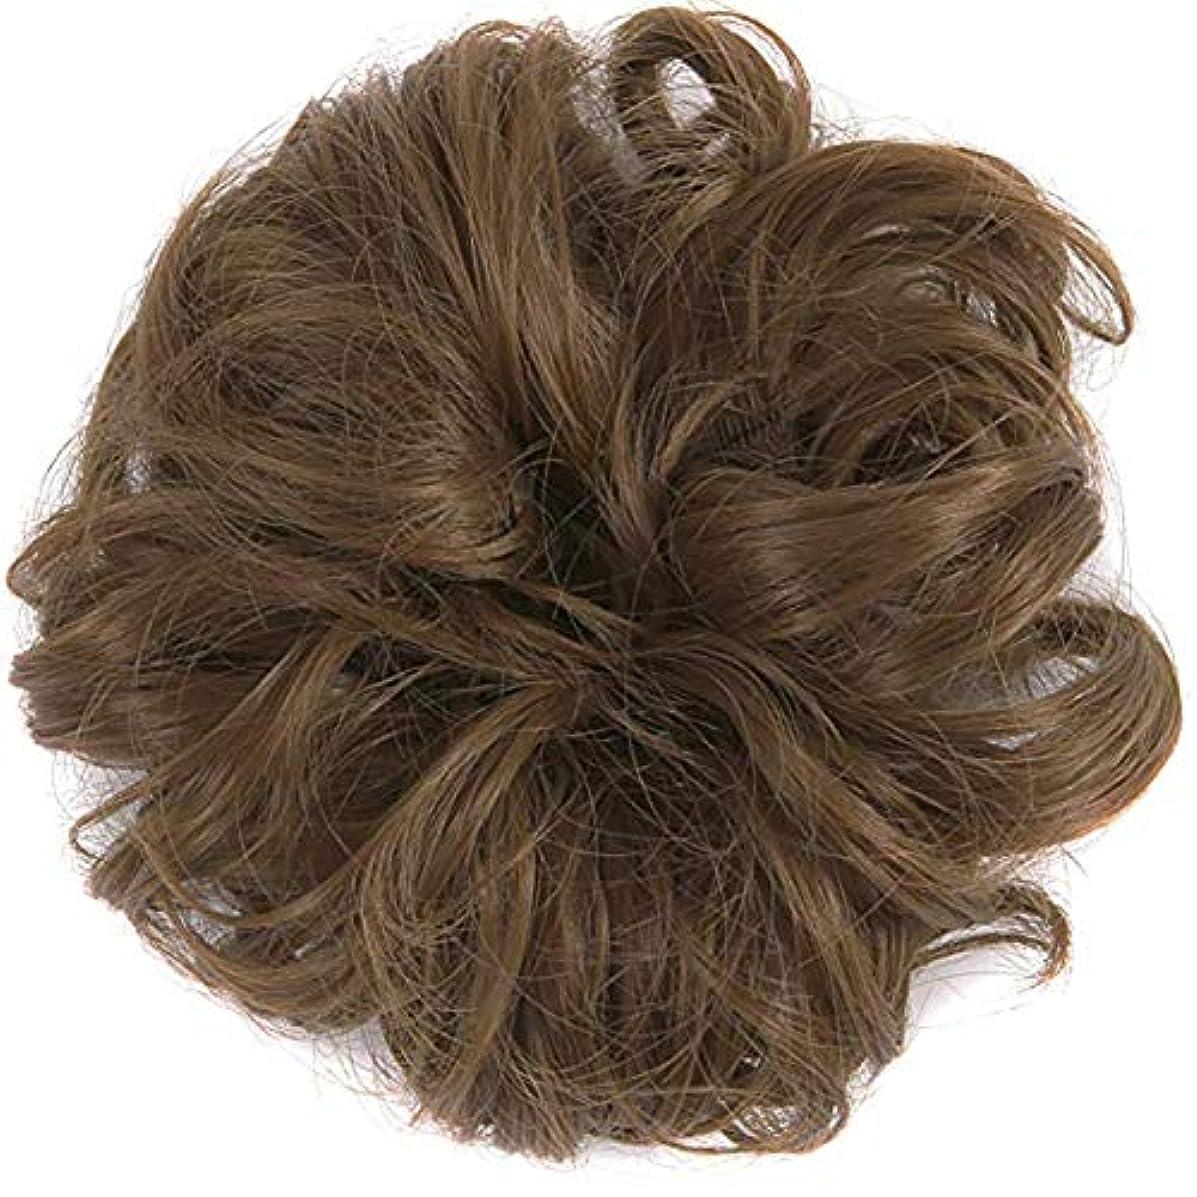 バンジョーバーマドバッテリーテープループバンズバンズの女性と少女汚い波状ヘアエクステンションの毛のかつらは、かつら(ライトブラウン)ポニーテール